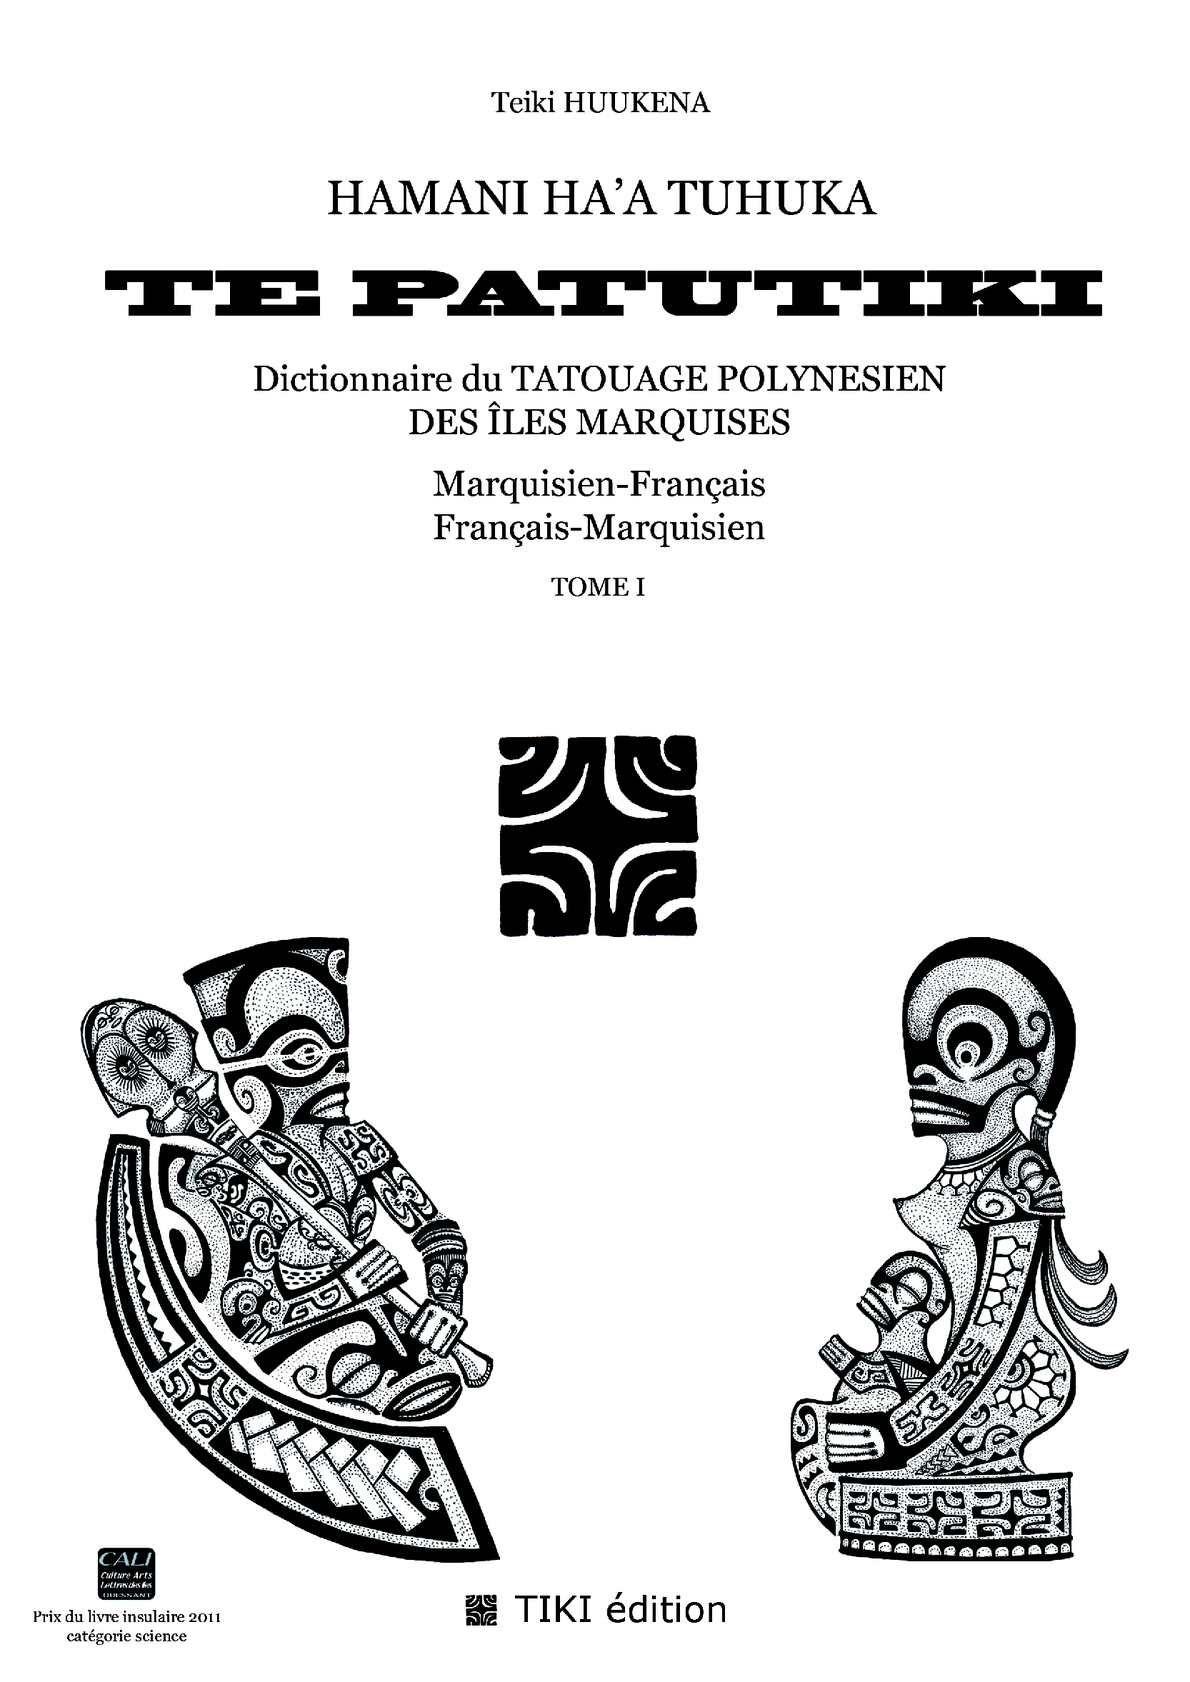 dictionnaire du tatouage polyn sien des les marquises marquisien fran ais et fran ais. Black Bedroom Furniture Sets. Home Design Ideas